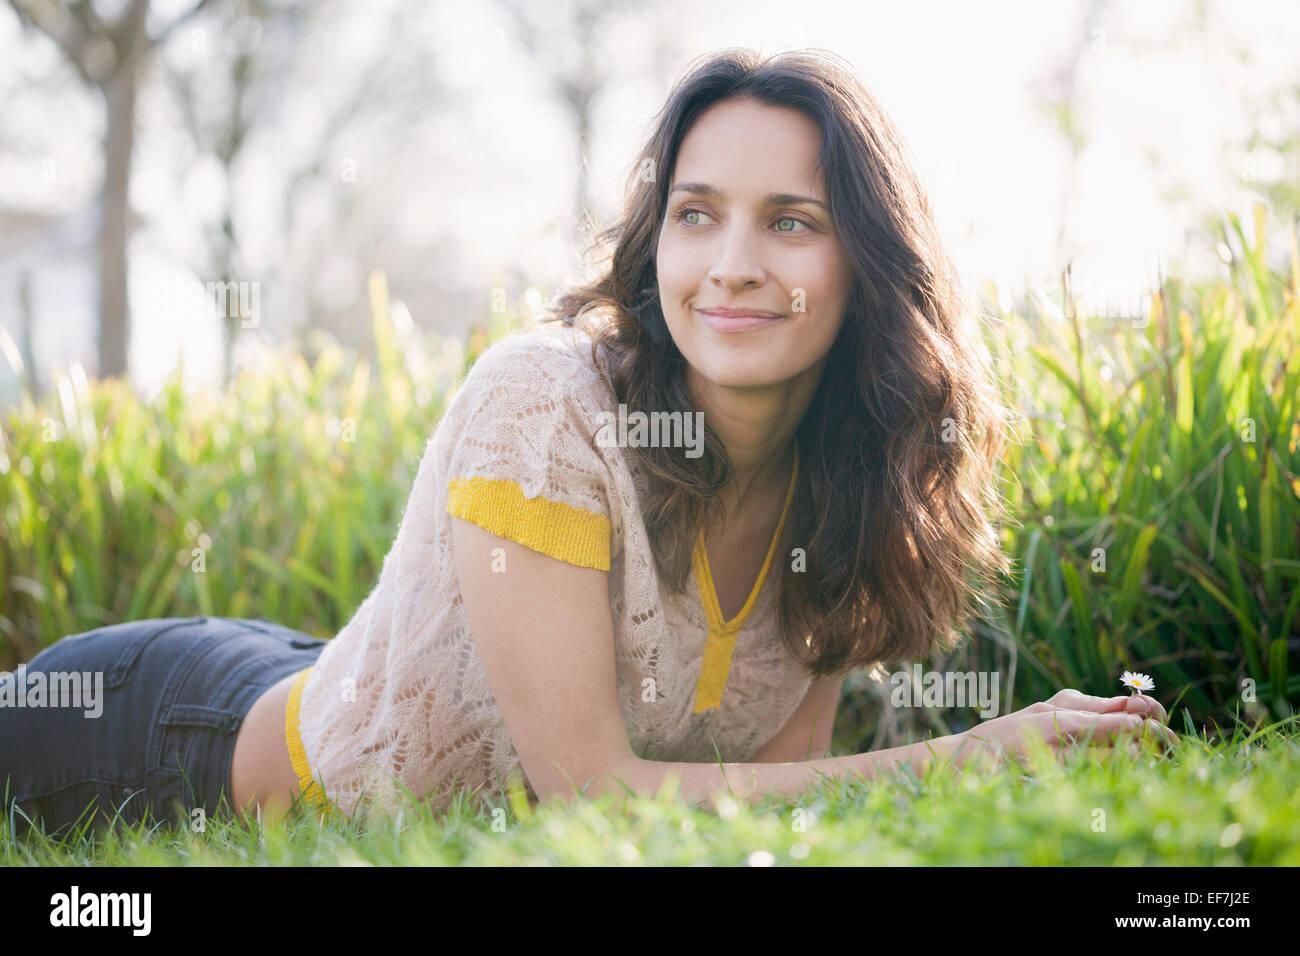 Felice bella donna sdraiati sull'erba Immagini Stock